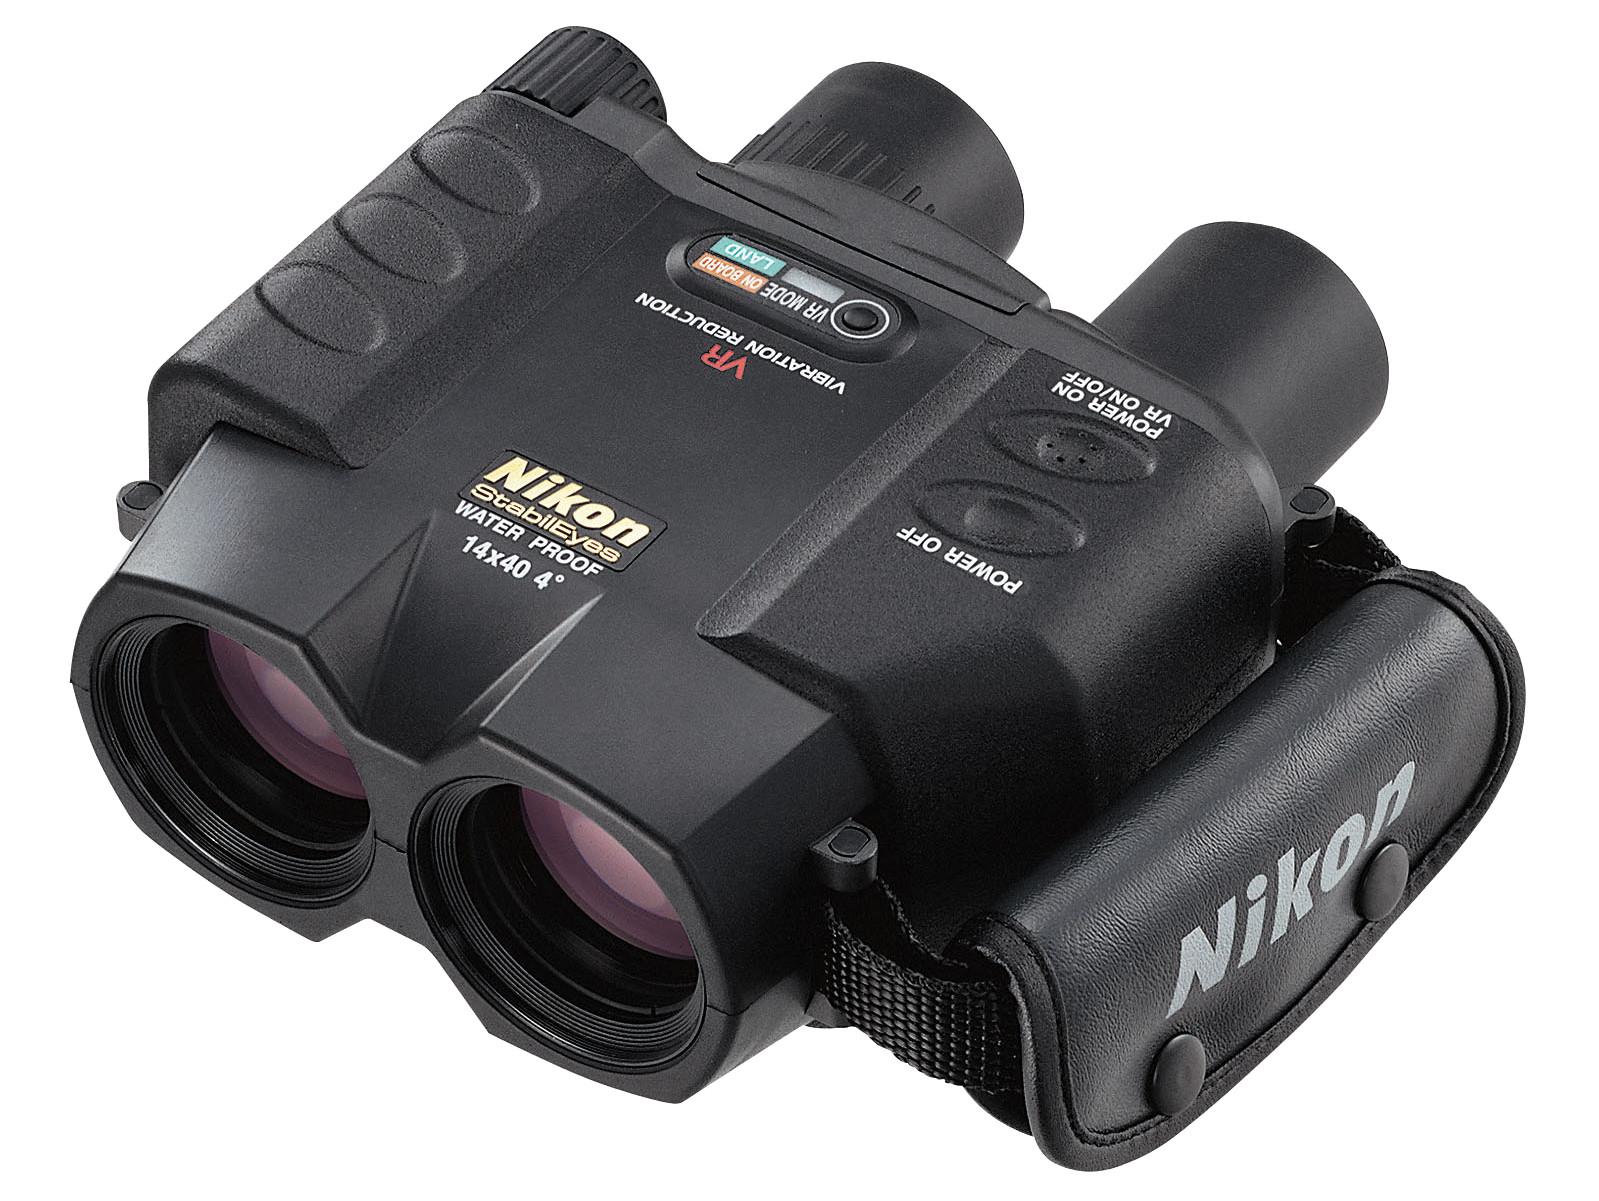 StabilEyes 14X40 避震型望遠鏡 雙筒望遠鏡/單眼鏡-高眼點設計